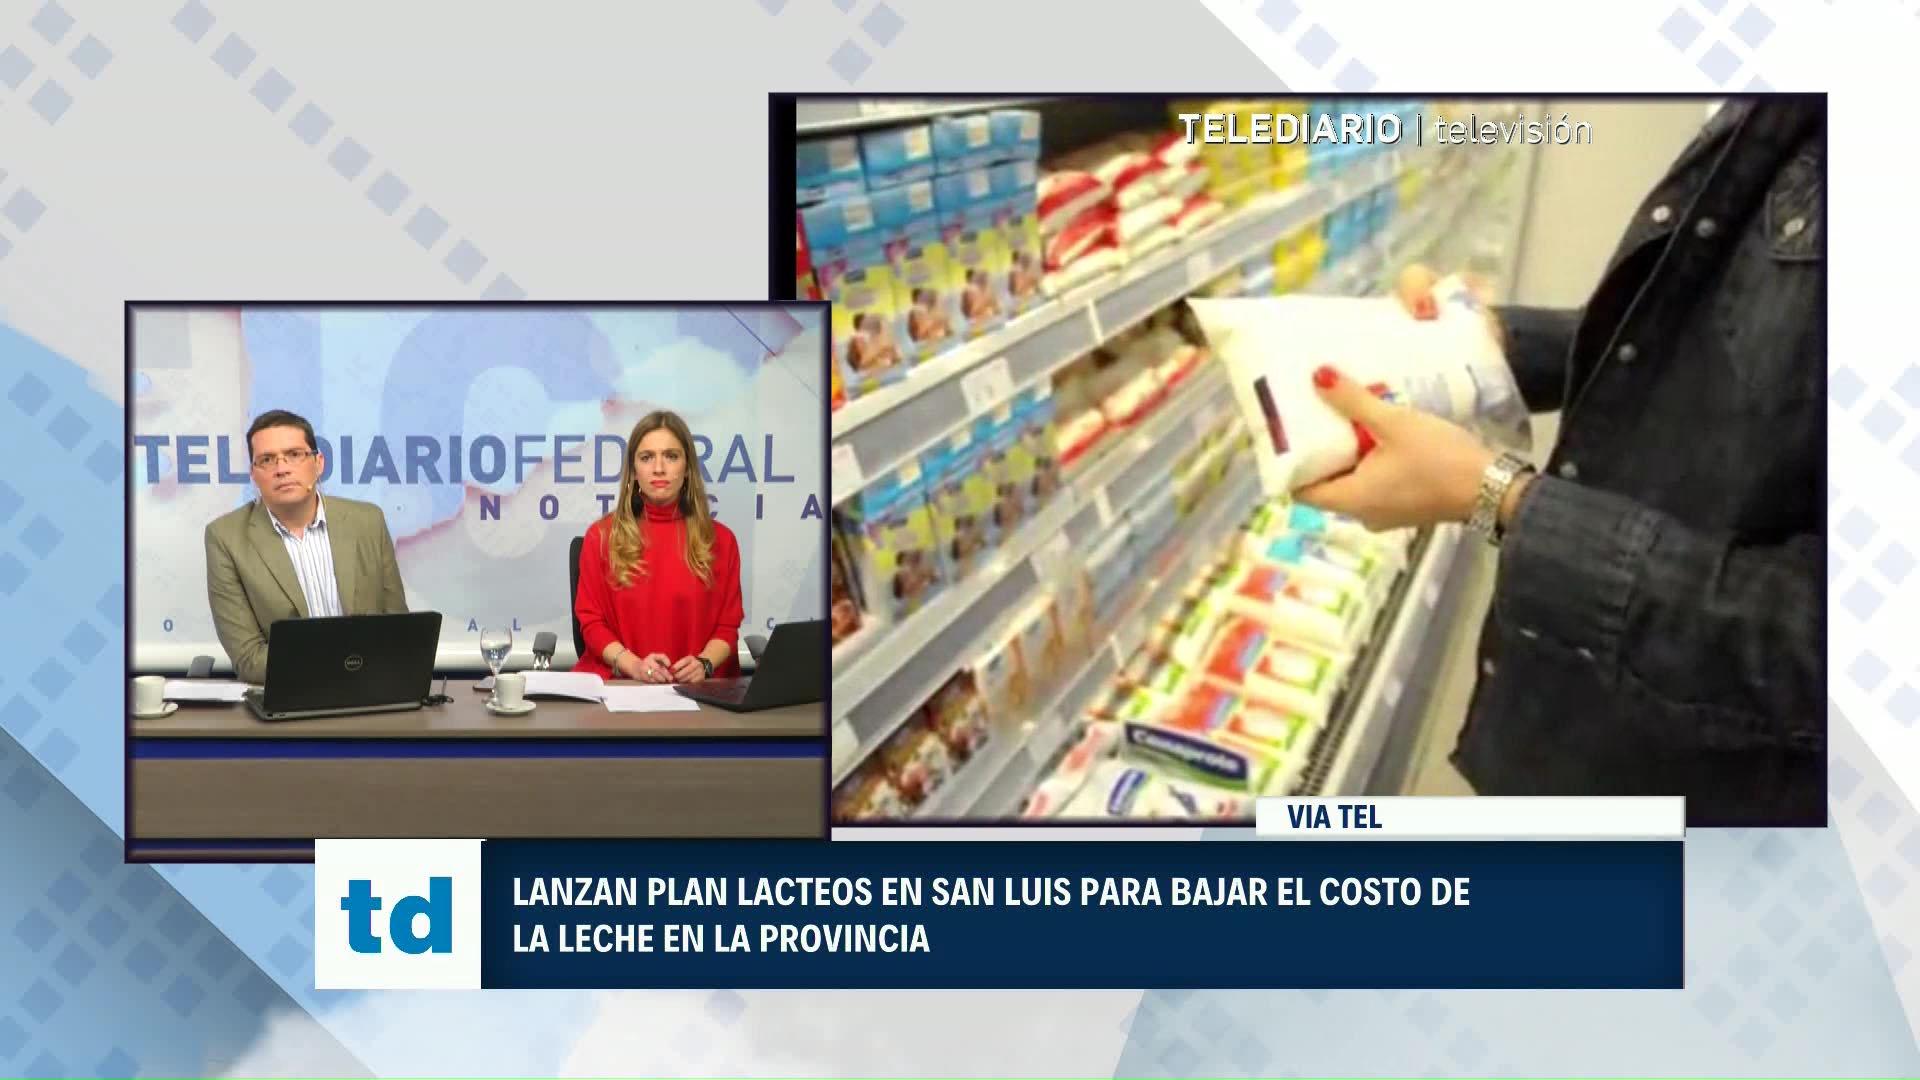 Rodríguez Saá venderá el litro de leche a $15,50